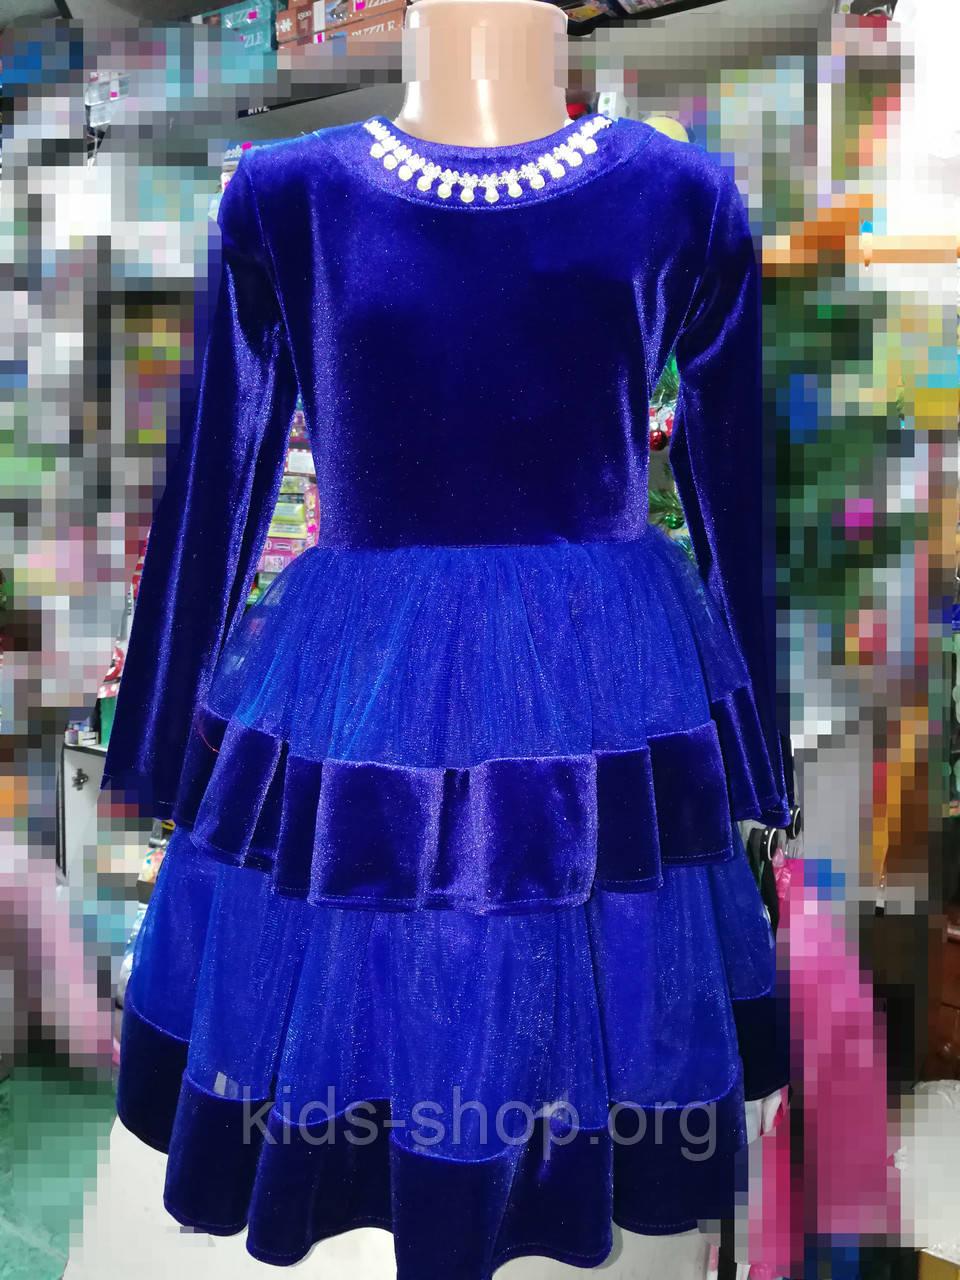 d1308063c48 Синее платье велюр для девочки от 3 до 7 лет - Kids shop в Черниговской  области